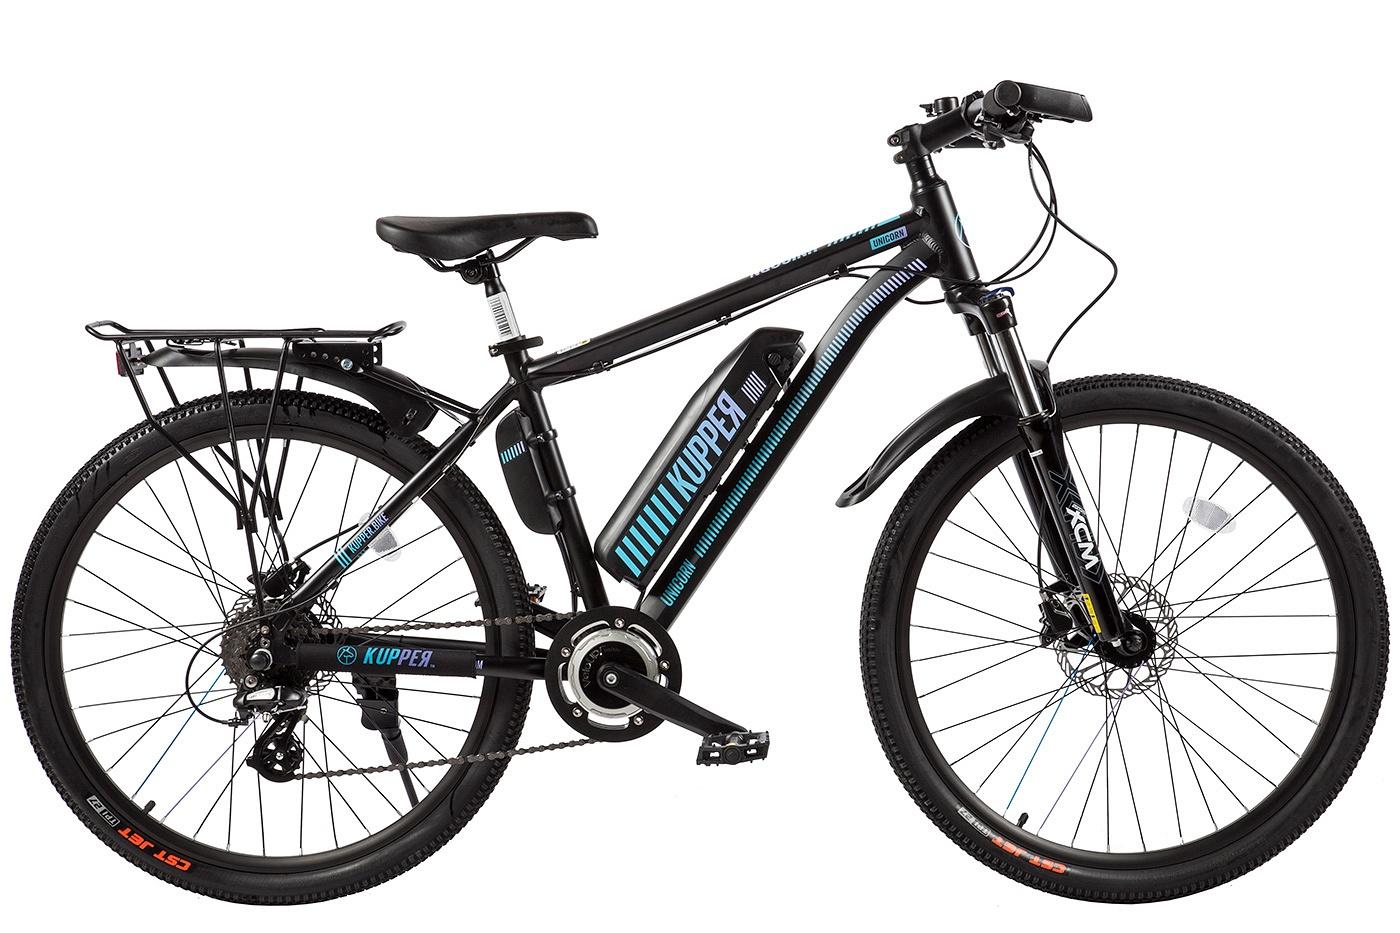 Электровелосипед TSINOVA Kupper Unicorn Pro, 010837 велогибрид kupper unicorn зелено черный